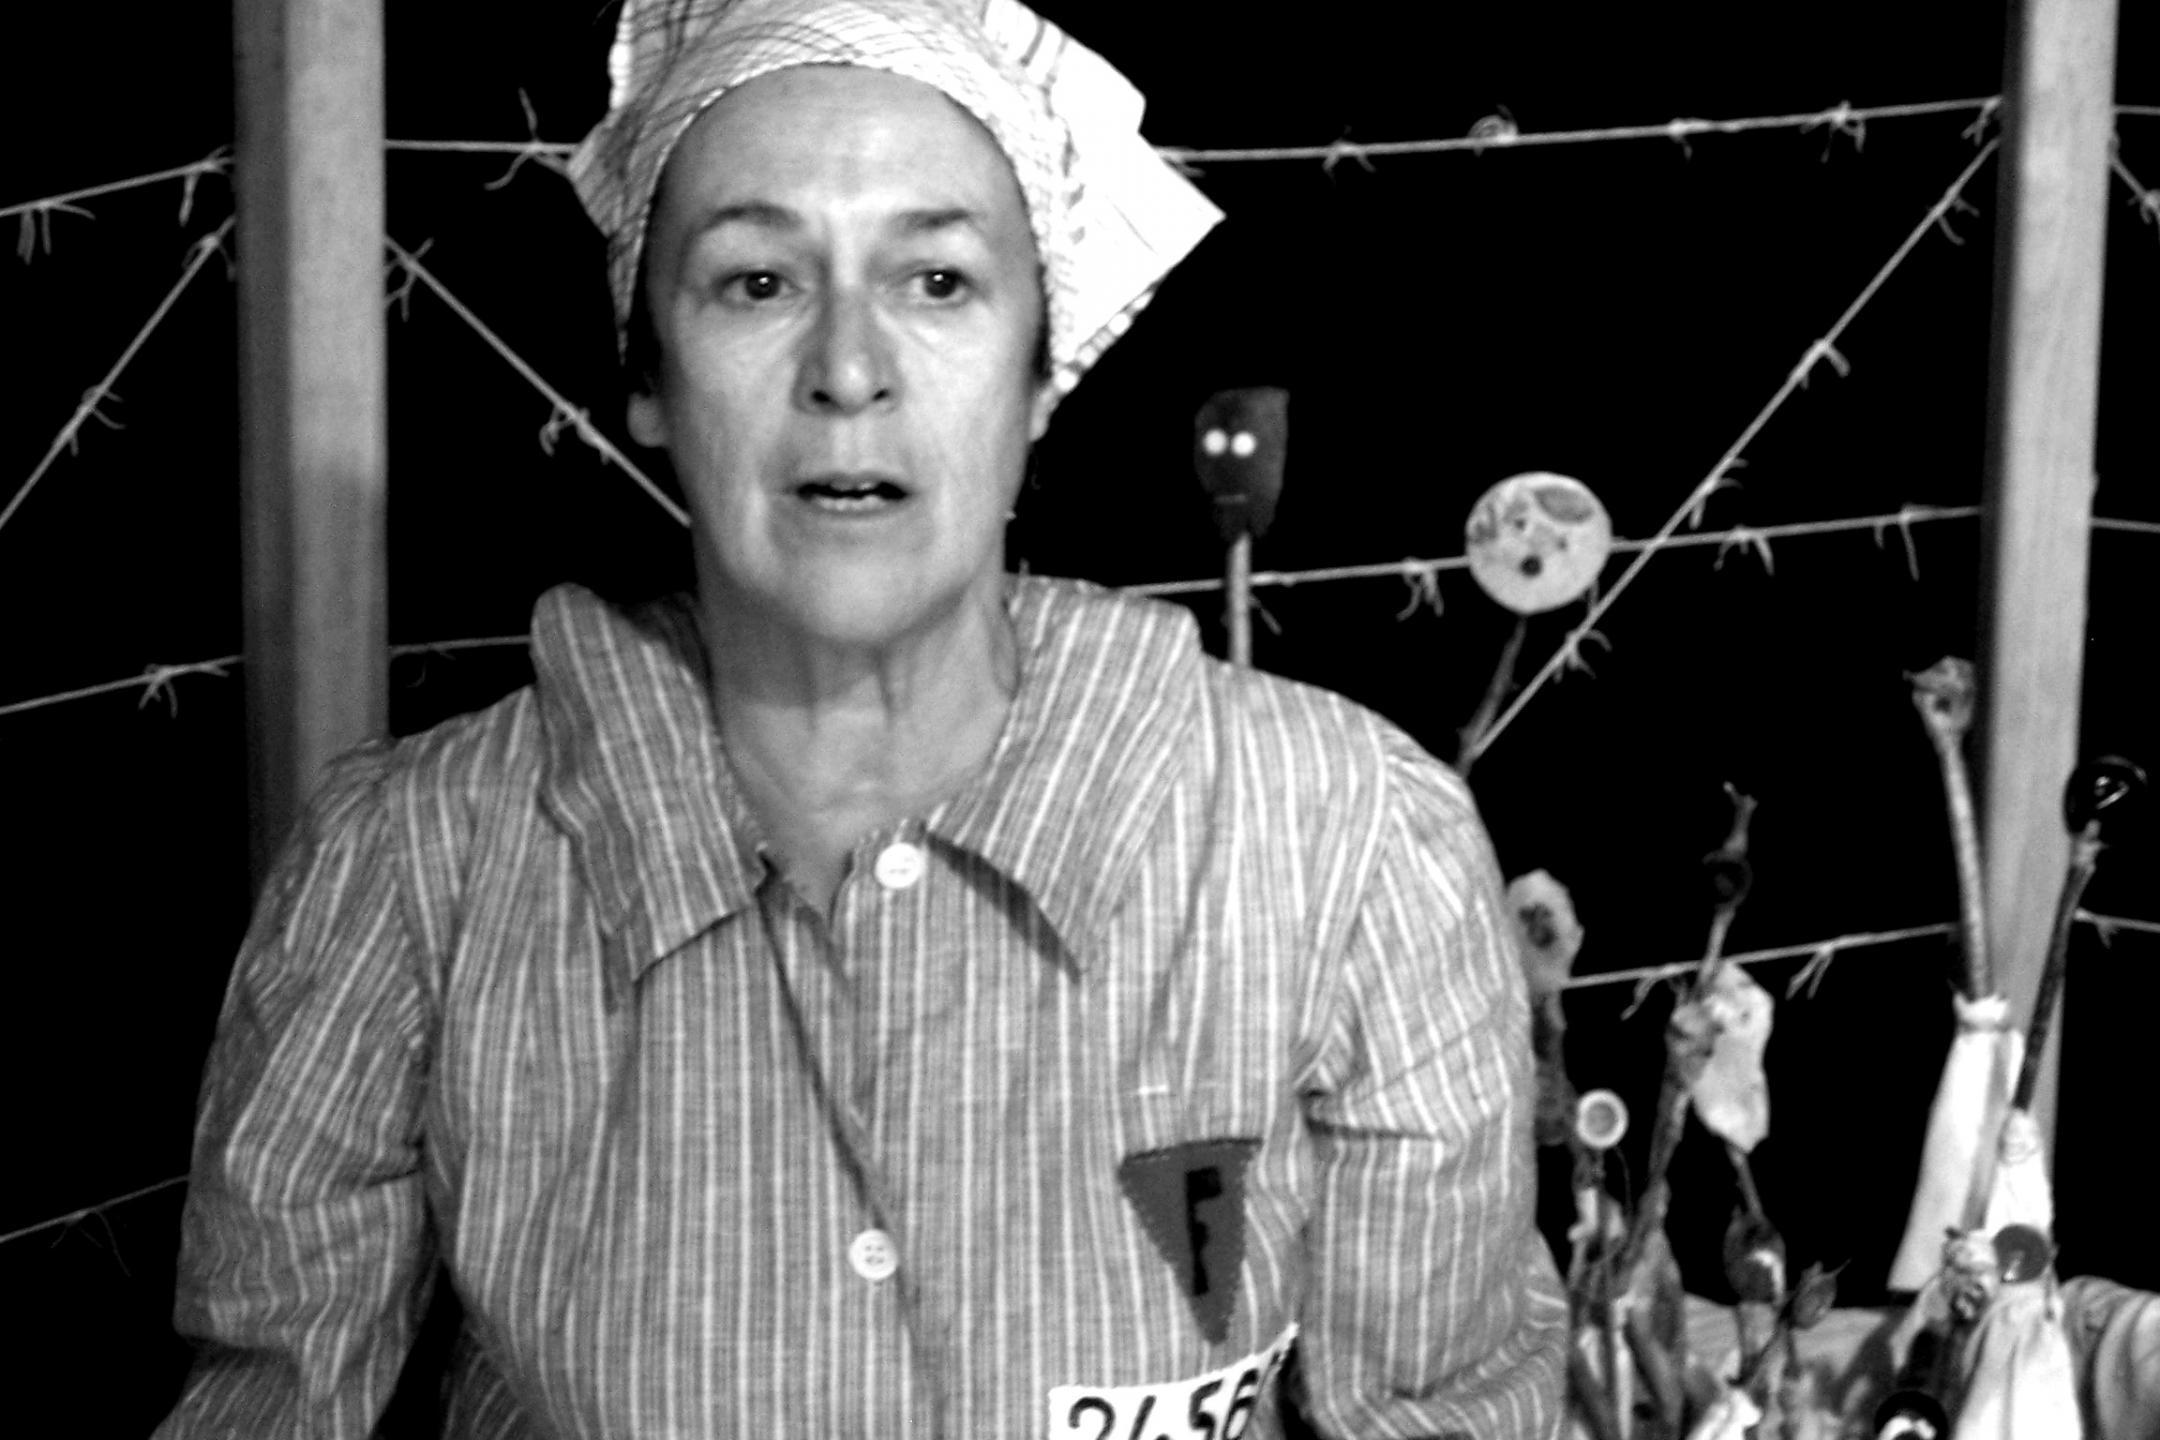 La comédienne Roselyne Sarazin dans la pièce «Une opérette à Ravensbrück», montée d'après l'œuvre de Germaine Tillion «Le Verfügbar aux enfers».